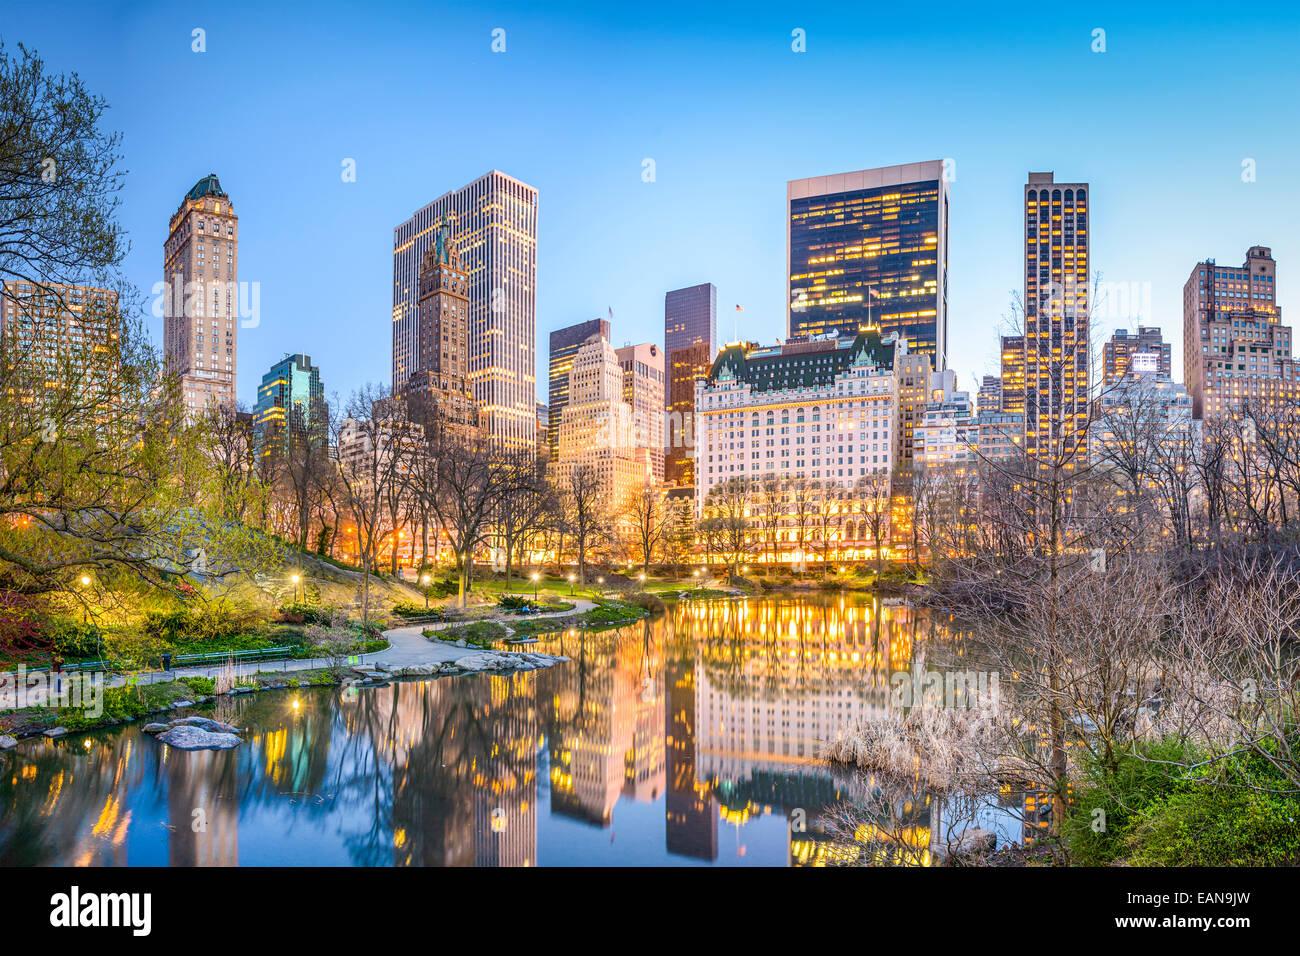 La ville de New York, USA Manhattan cityscape à partir de la lagune dans Central Park. Photo Stock